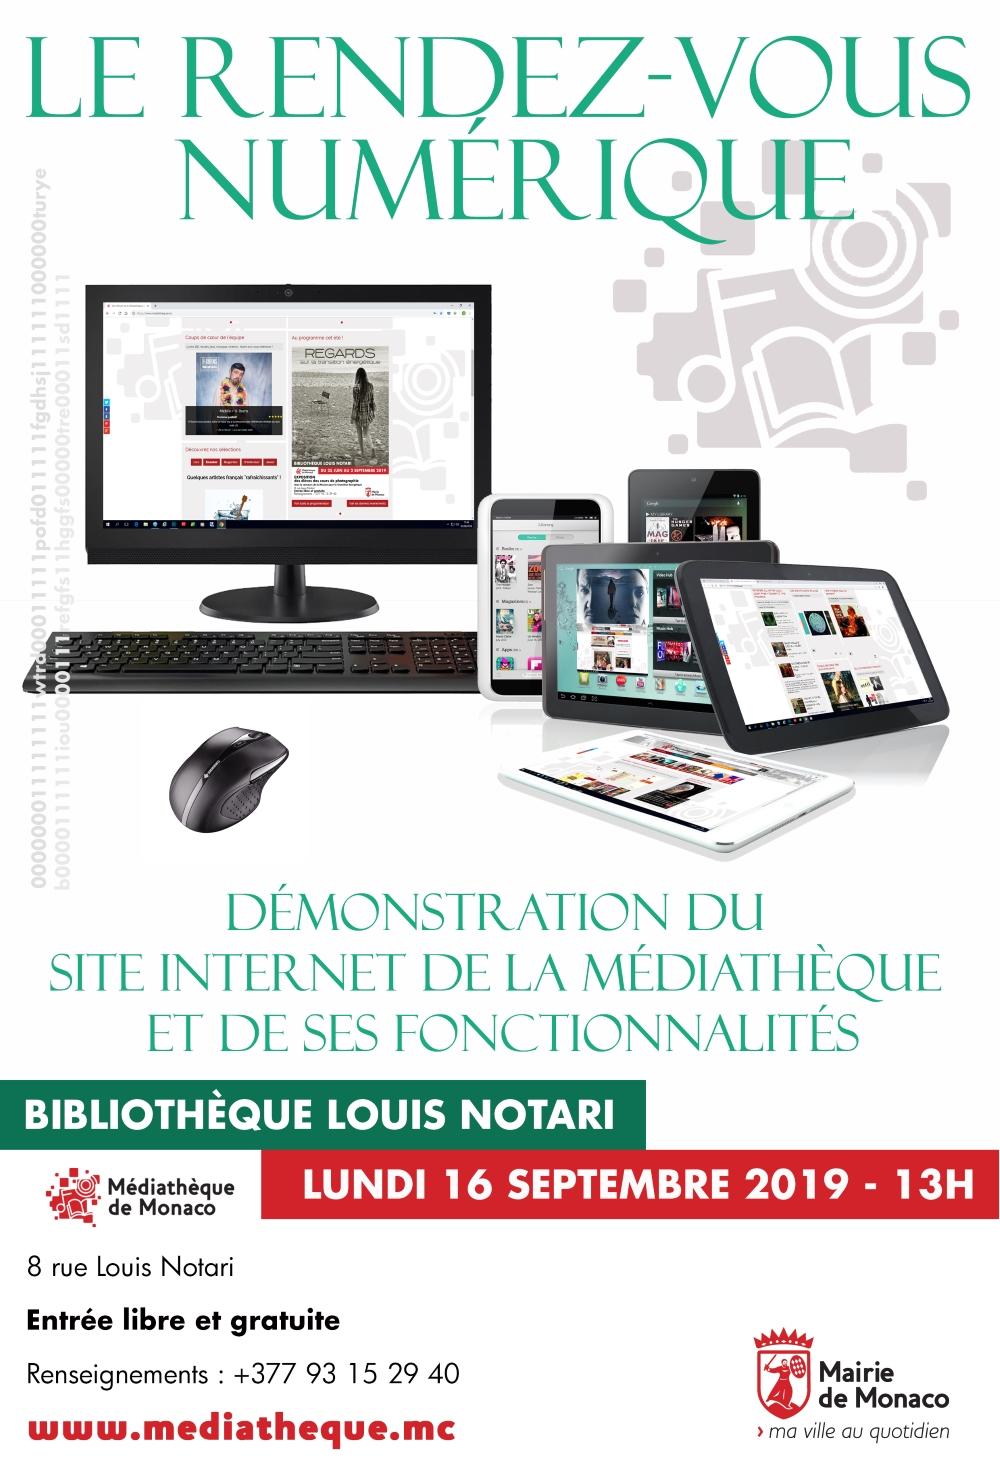 Le rendez-vous numérique - Lundi 16 septembre 2019 à 13h - Bibliothèque Louis Notari